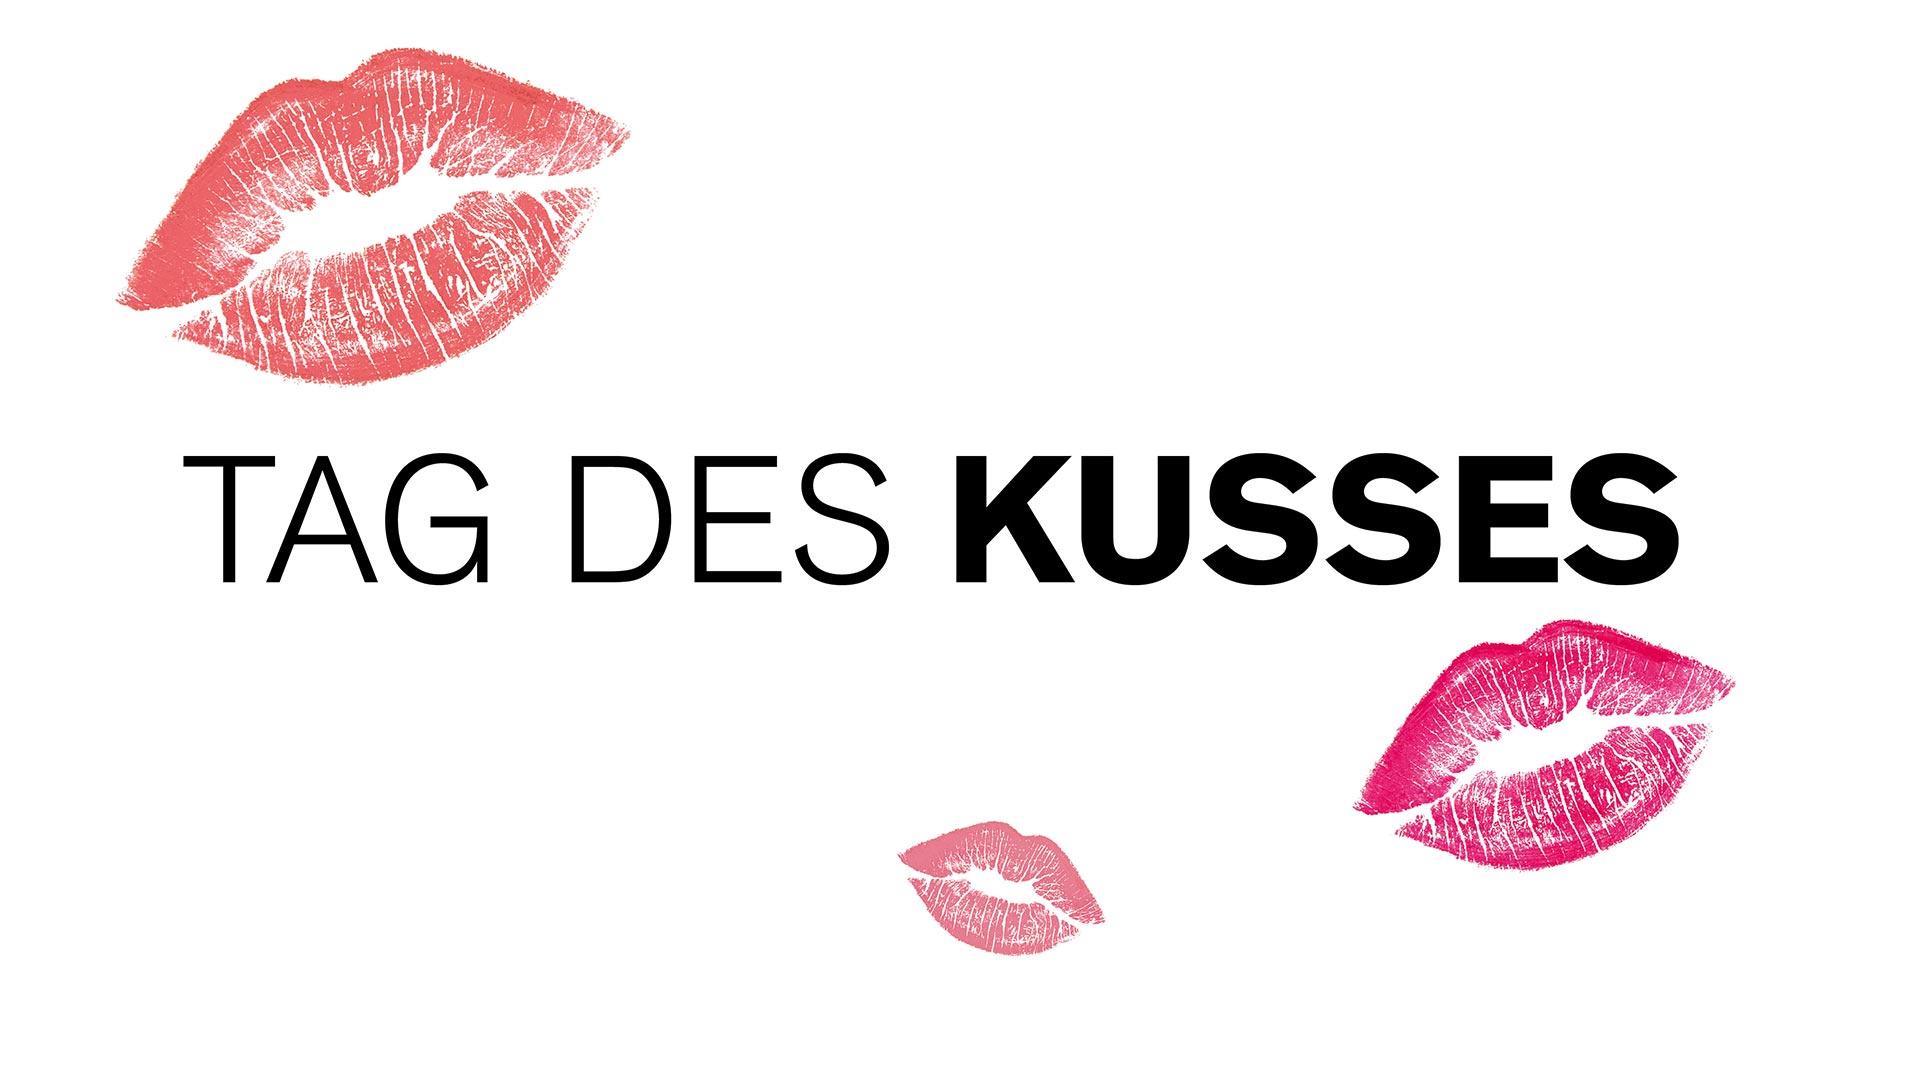 wurden-sie-heute-schon-geküsst-tag-des-kusses